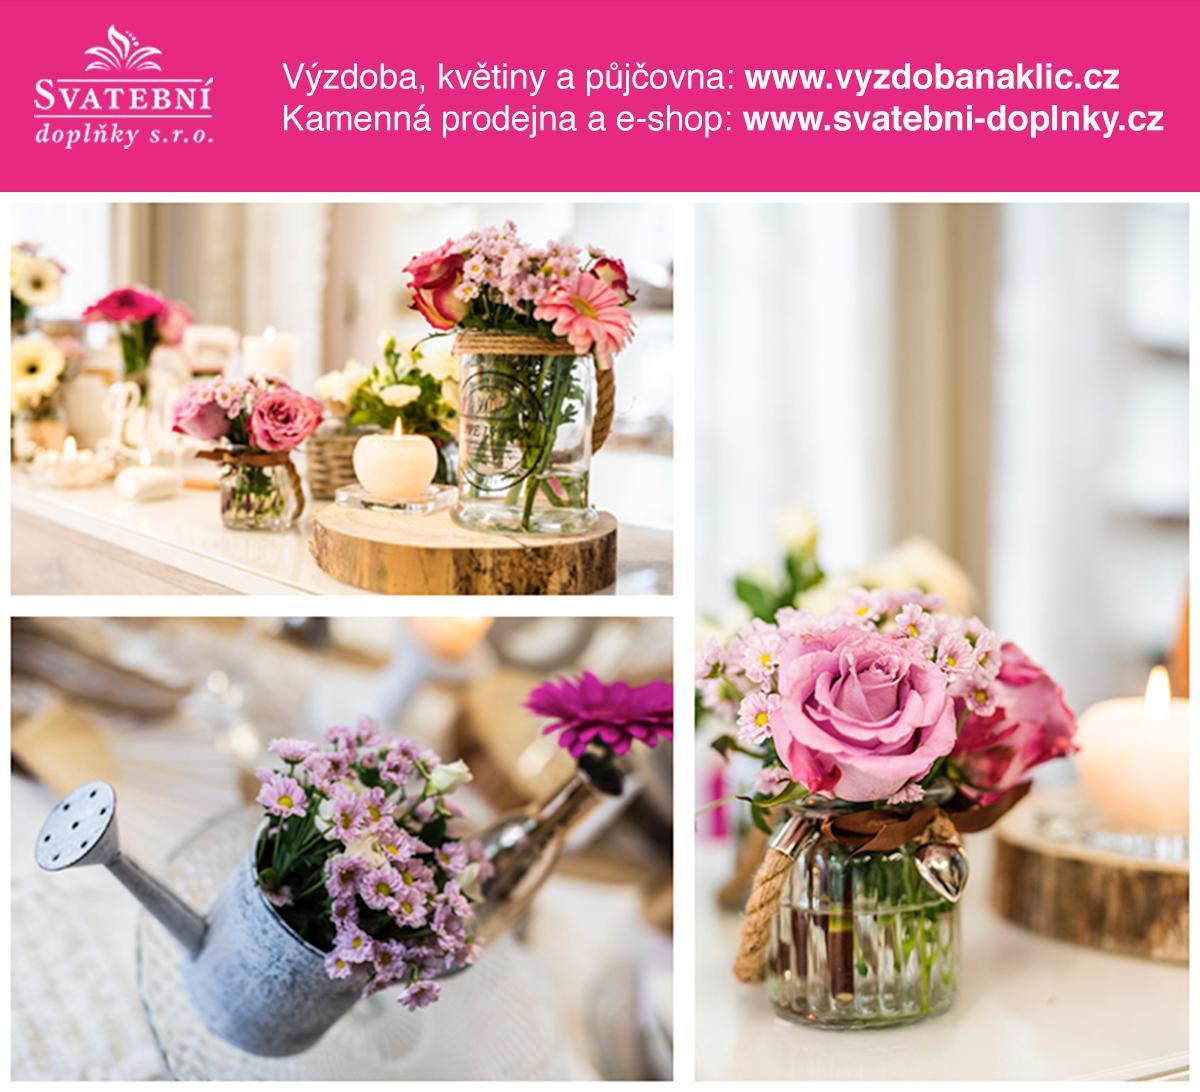 Svatební doplňky s.r.o. - Svatební dekorace